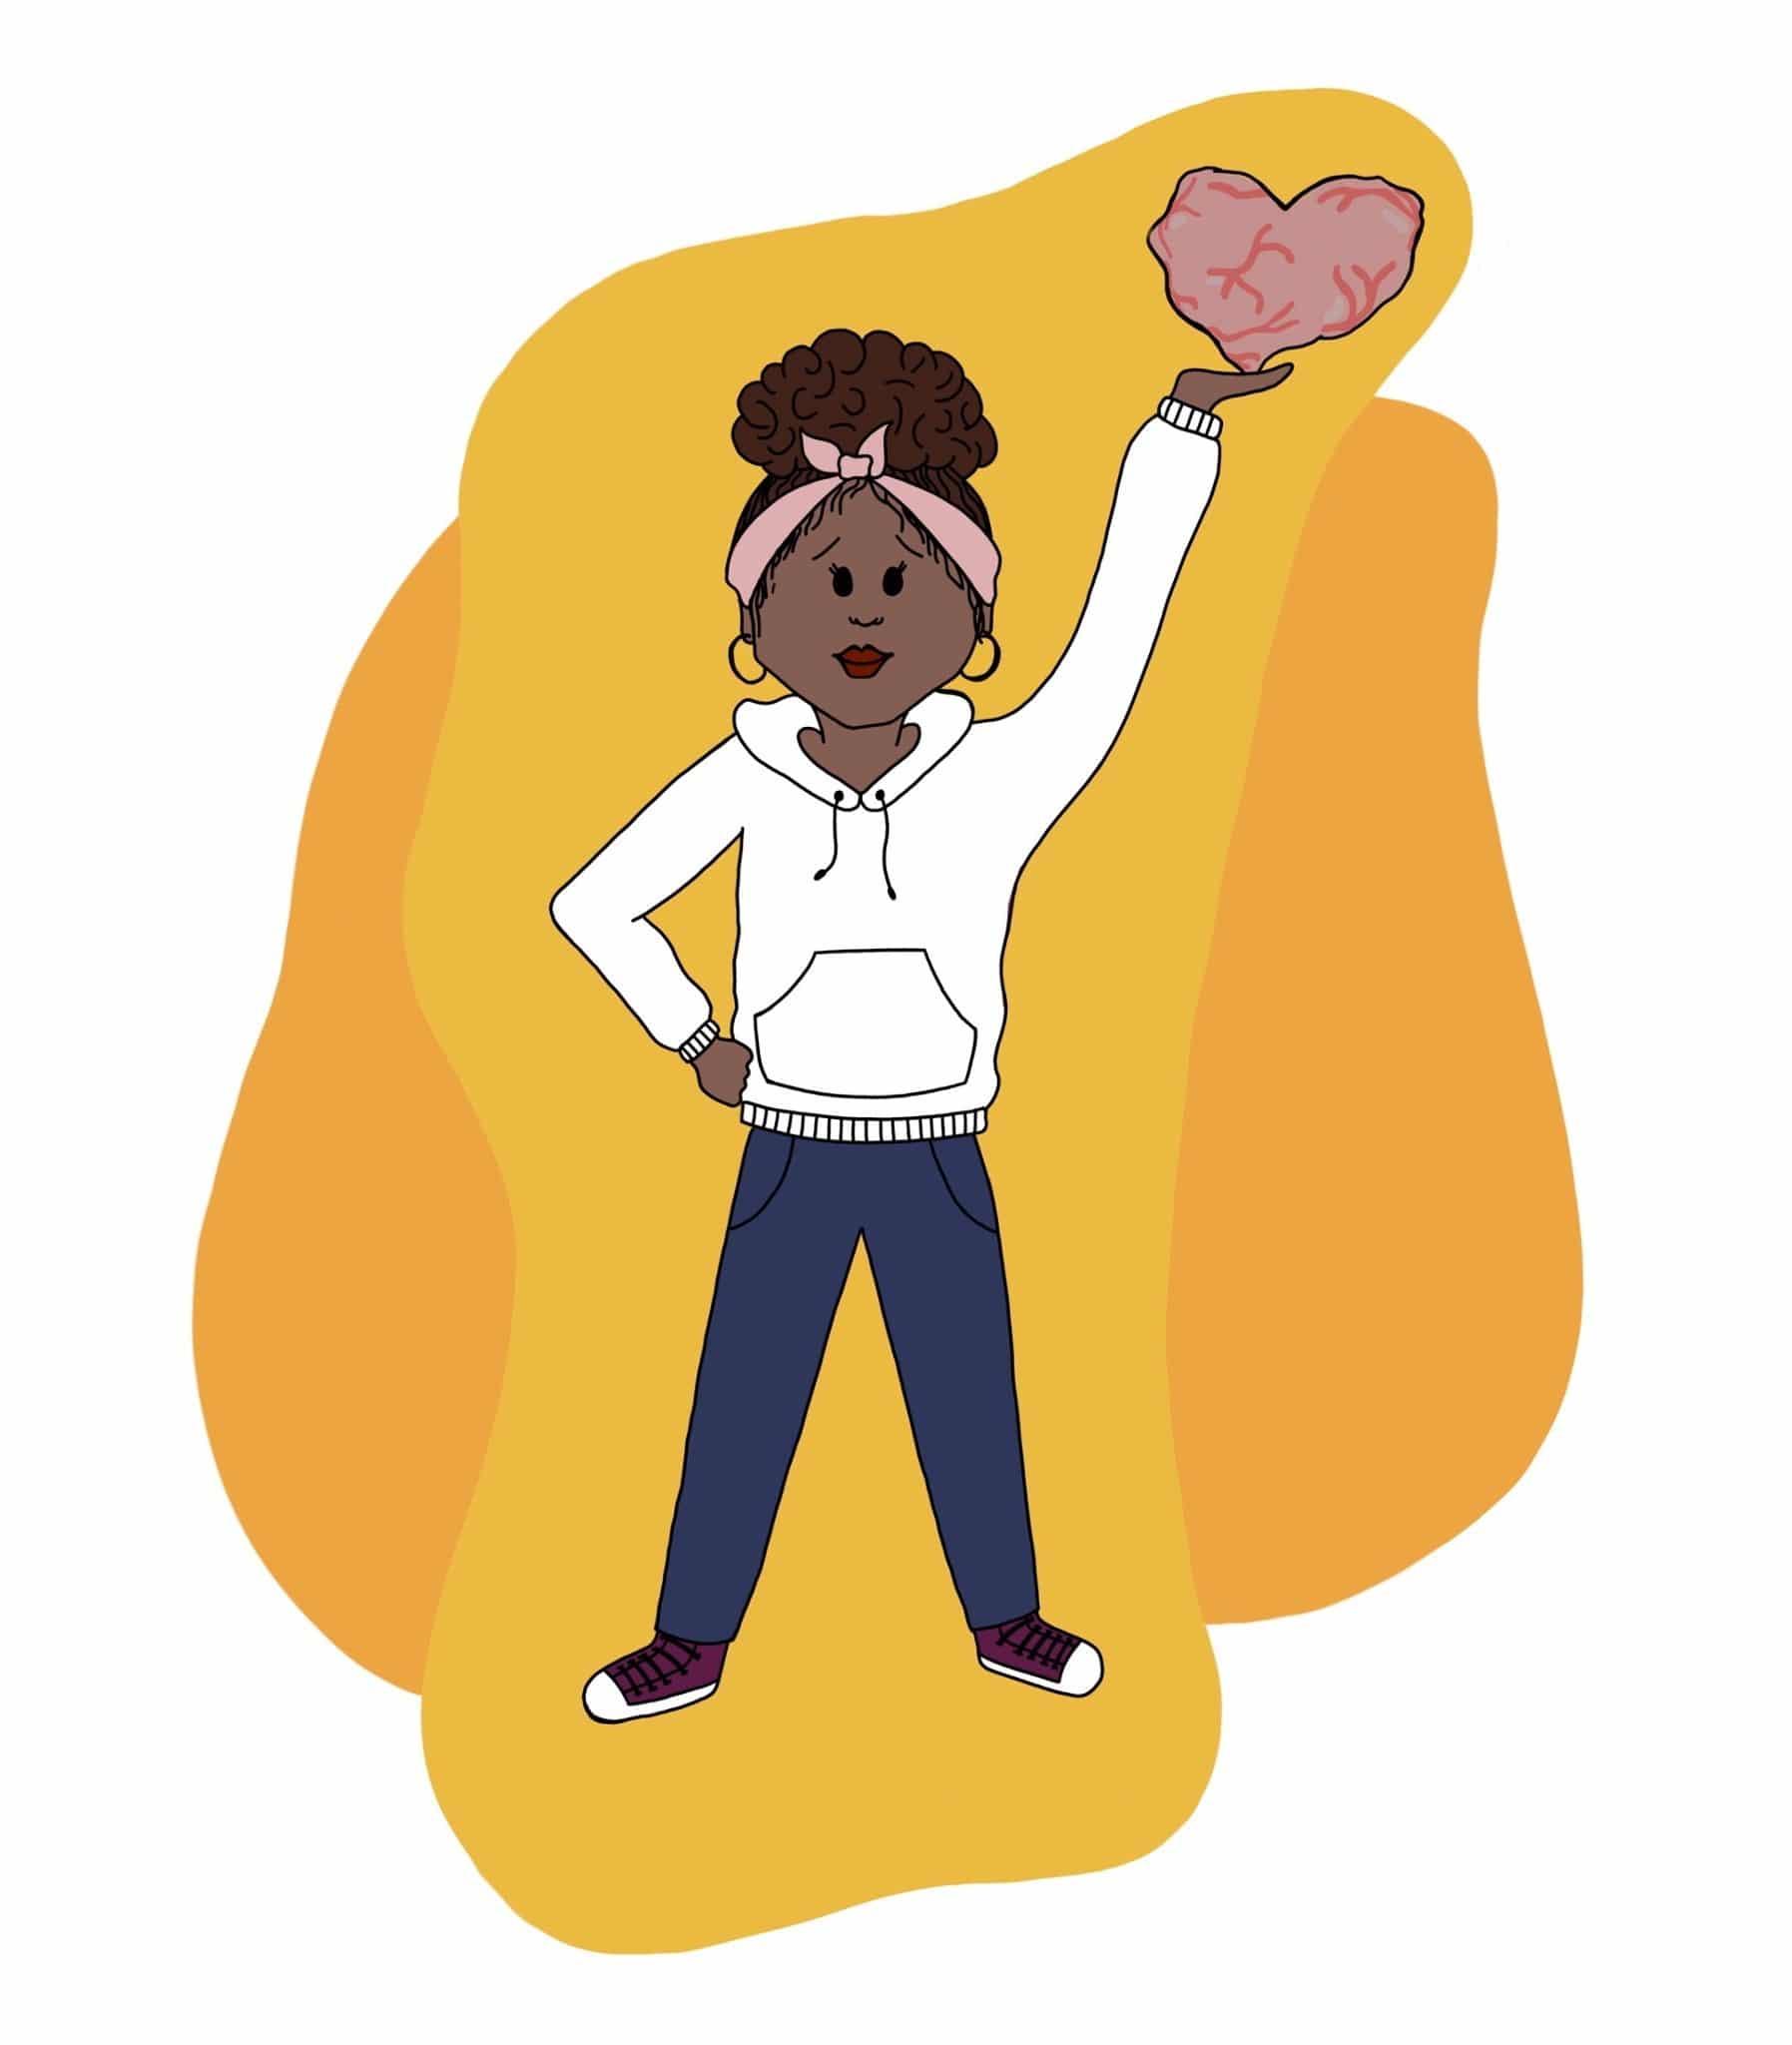 Mujer negra con una mano en la cintura y otra levantada donde sostiene un corazón